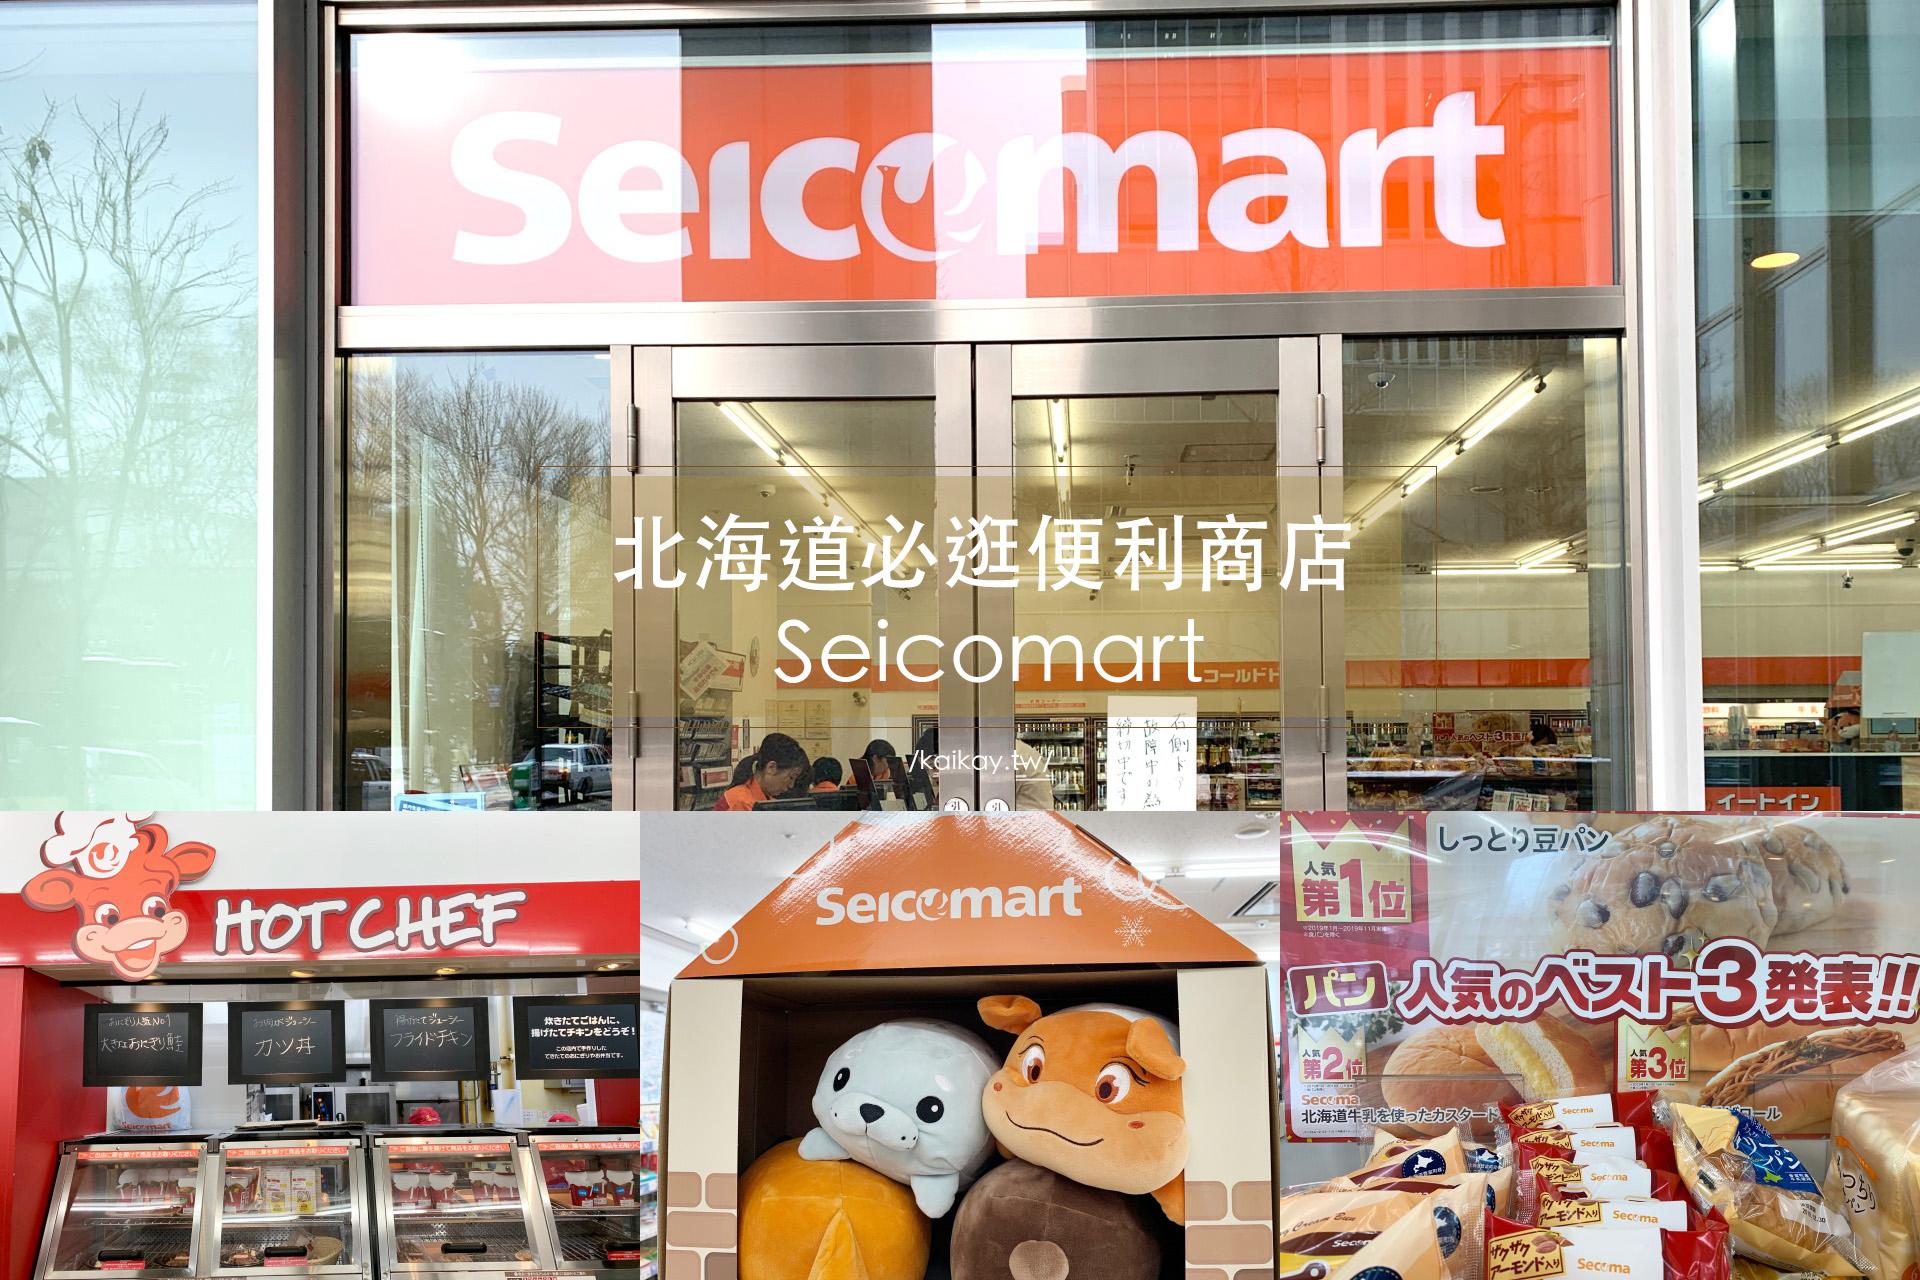 ☆【2020。北海道】北海道必逛便利商店!Seicomart セイコマート推薦美食清單 @凱的日本食尚日記